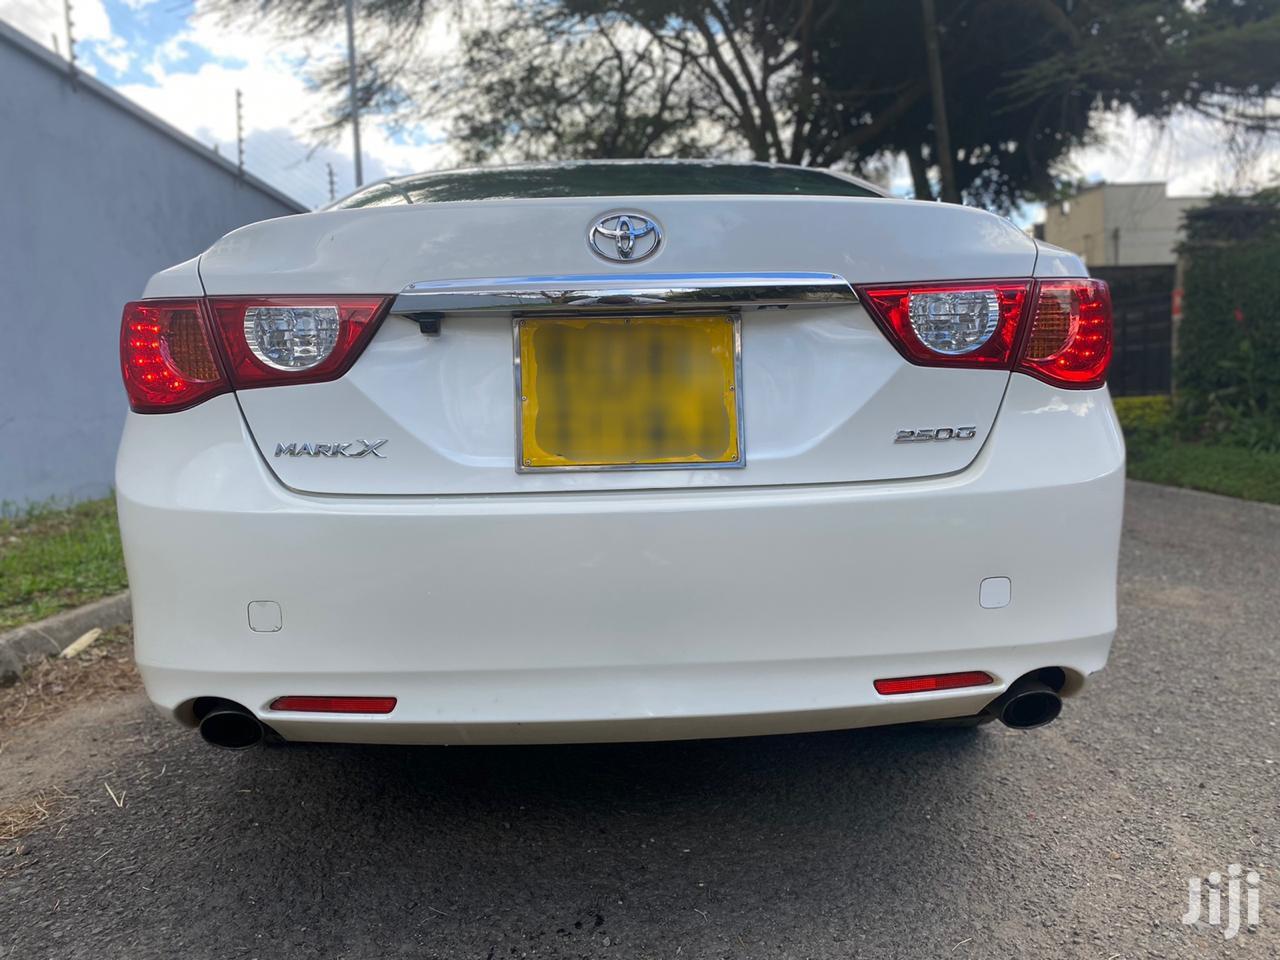 Toyota Mark X 2010 White | Cars for sale in Kilimani, Nairobi, Kenya